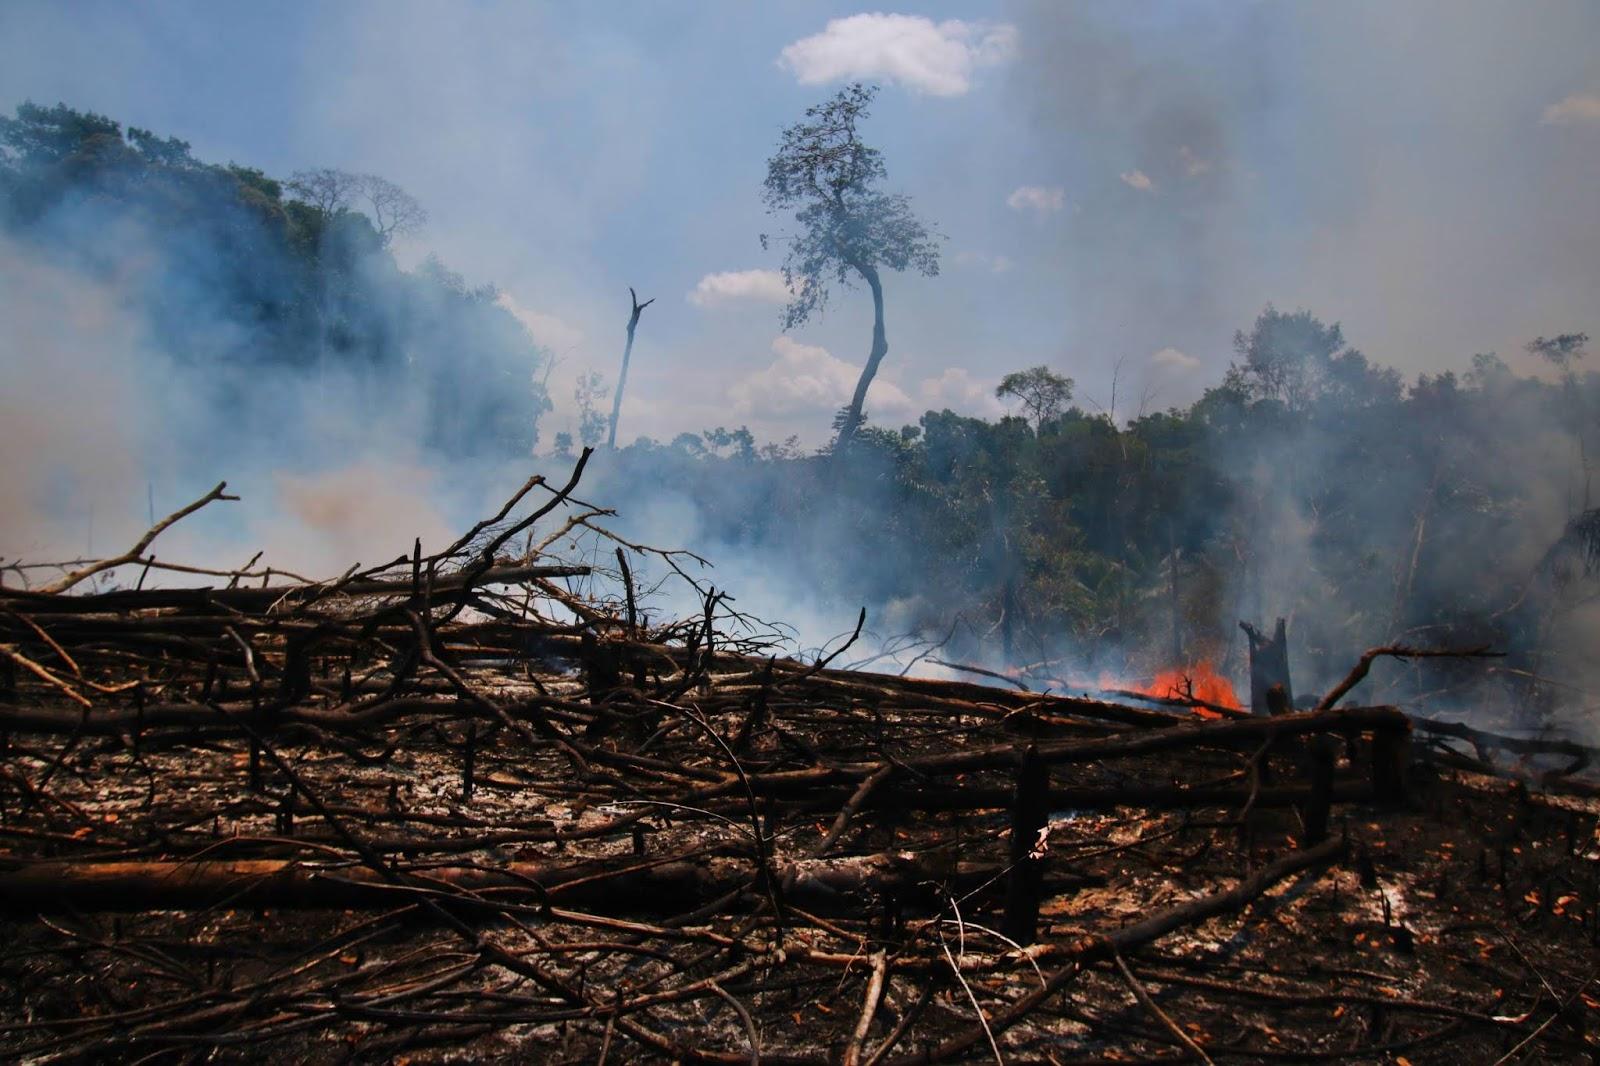 Amazônia: urbanização, desmatamentos e queimadas. Por Manoel Silva e Dornélio Silva